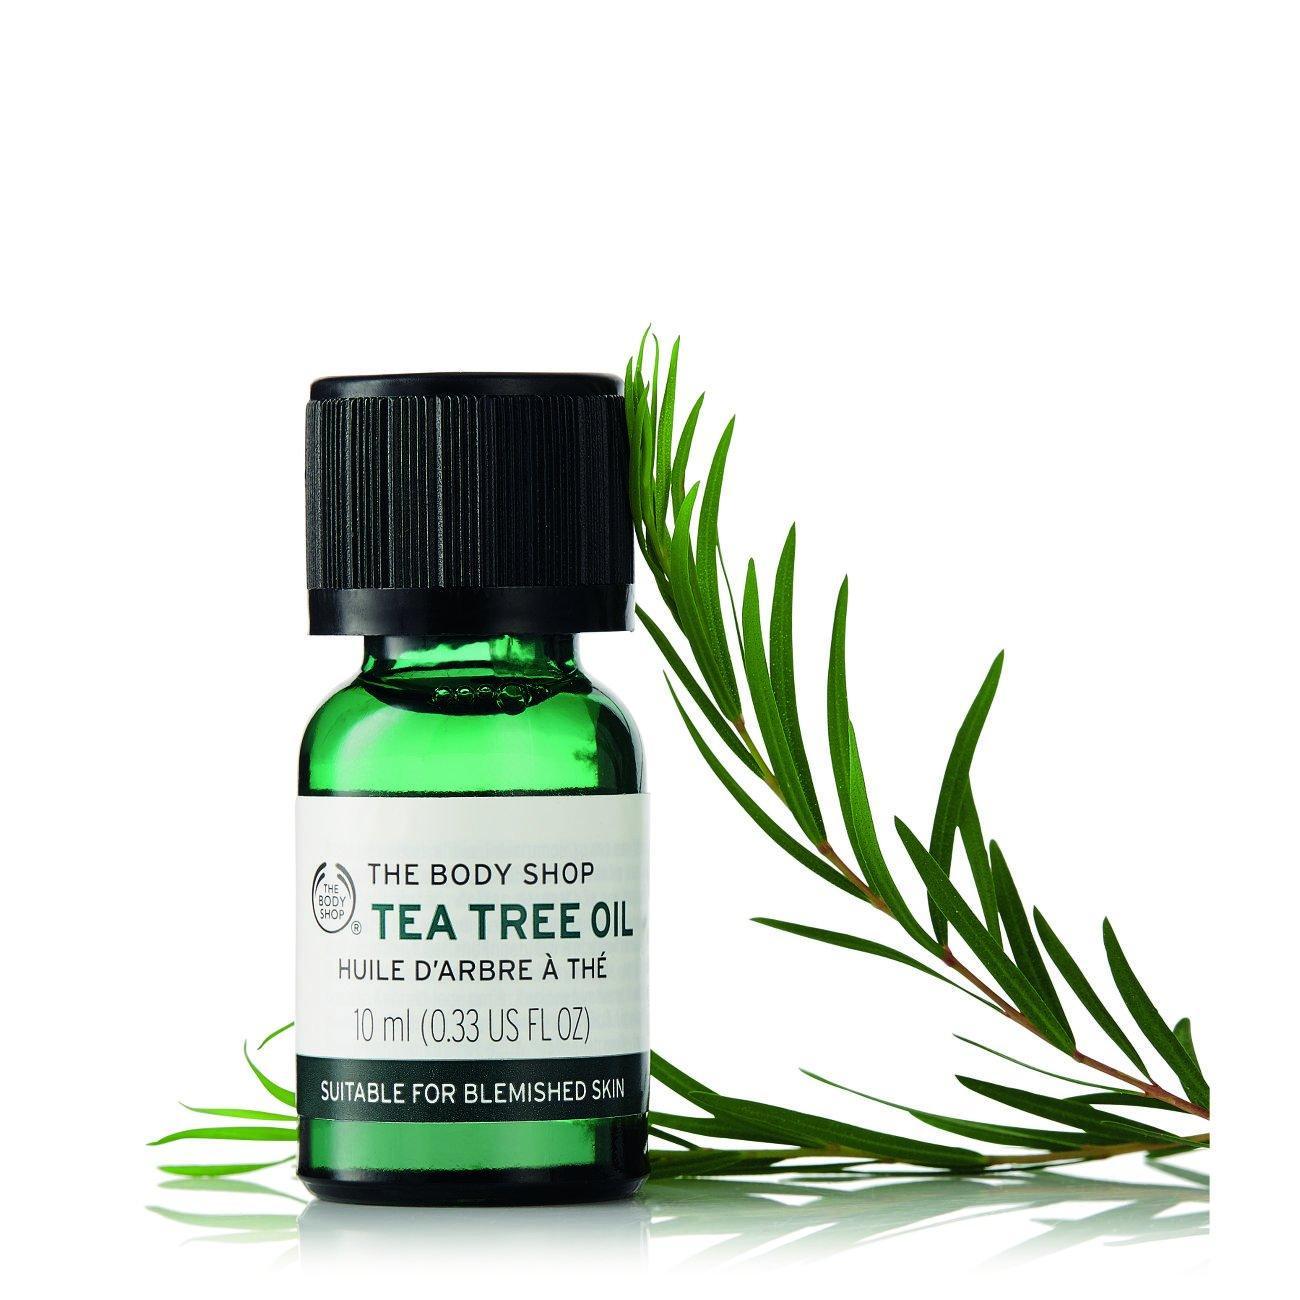 The Body Shop Tea Tree Oil, 10ml: Amazon.in: Beauty